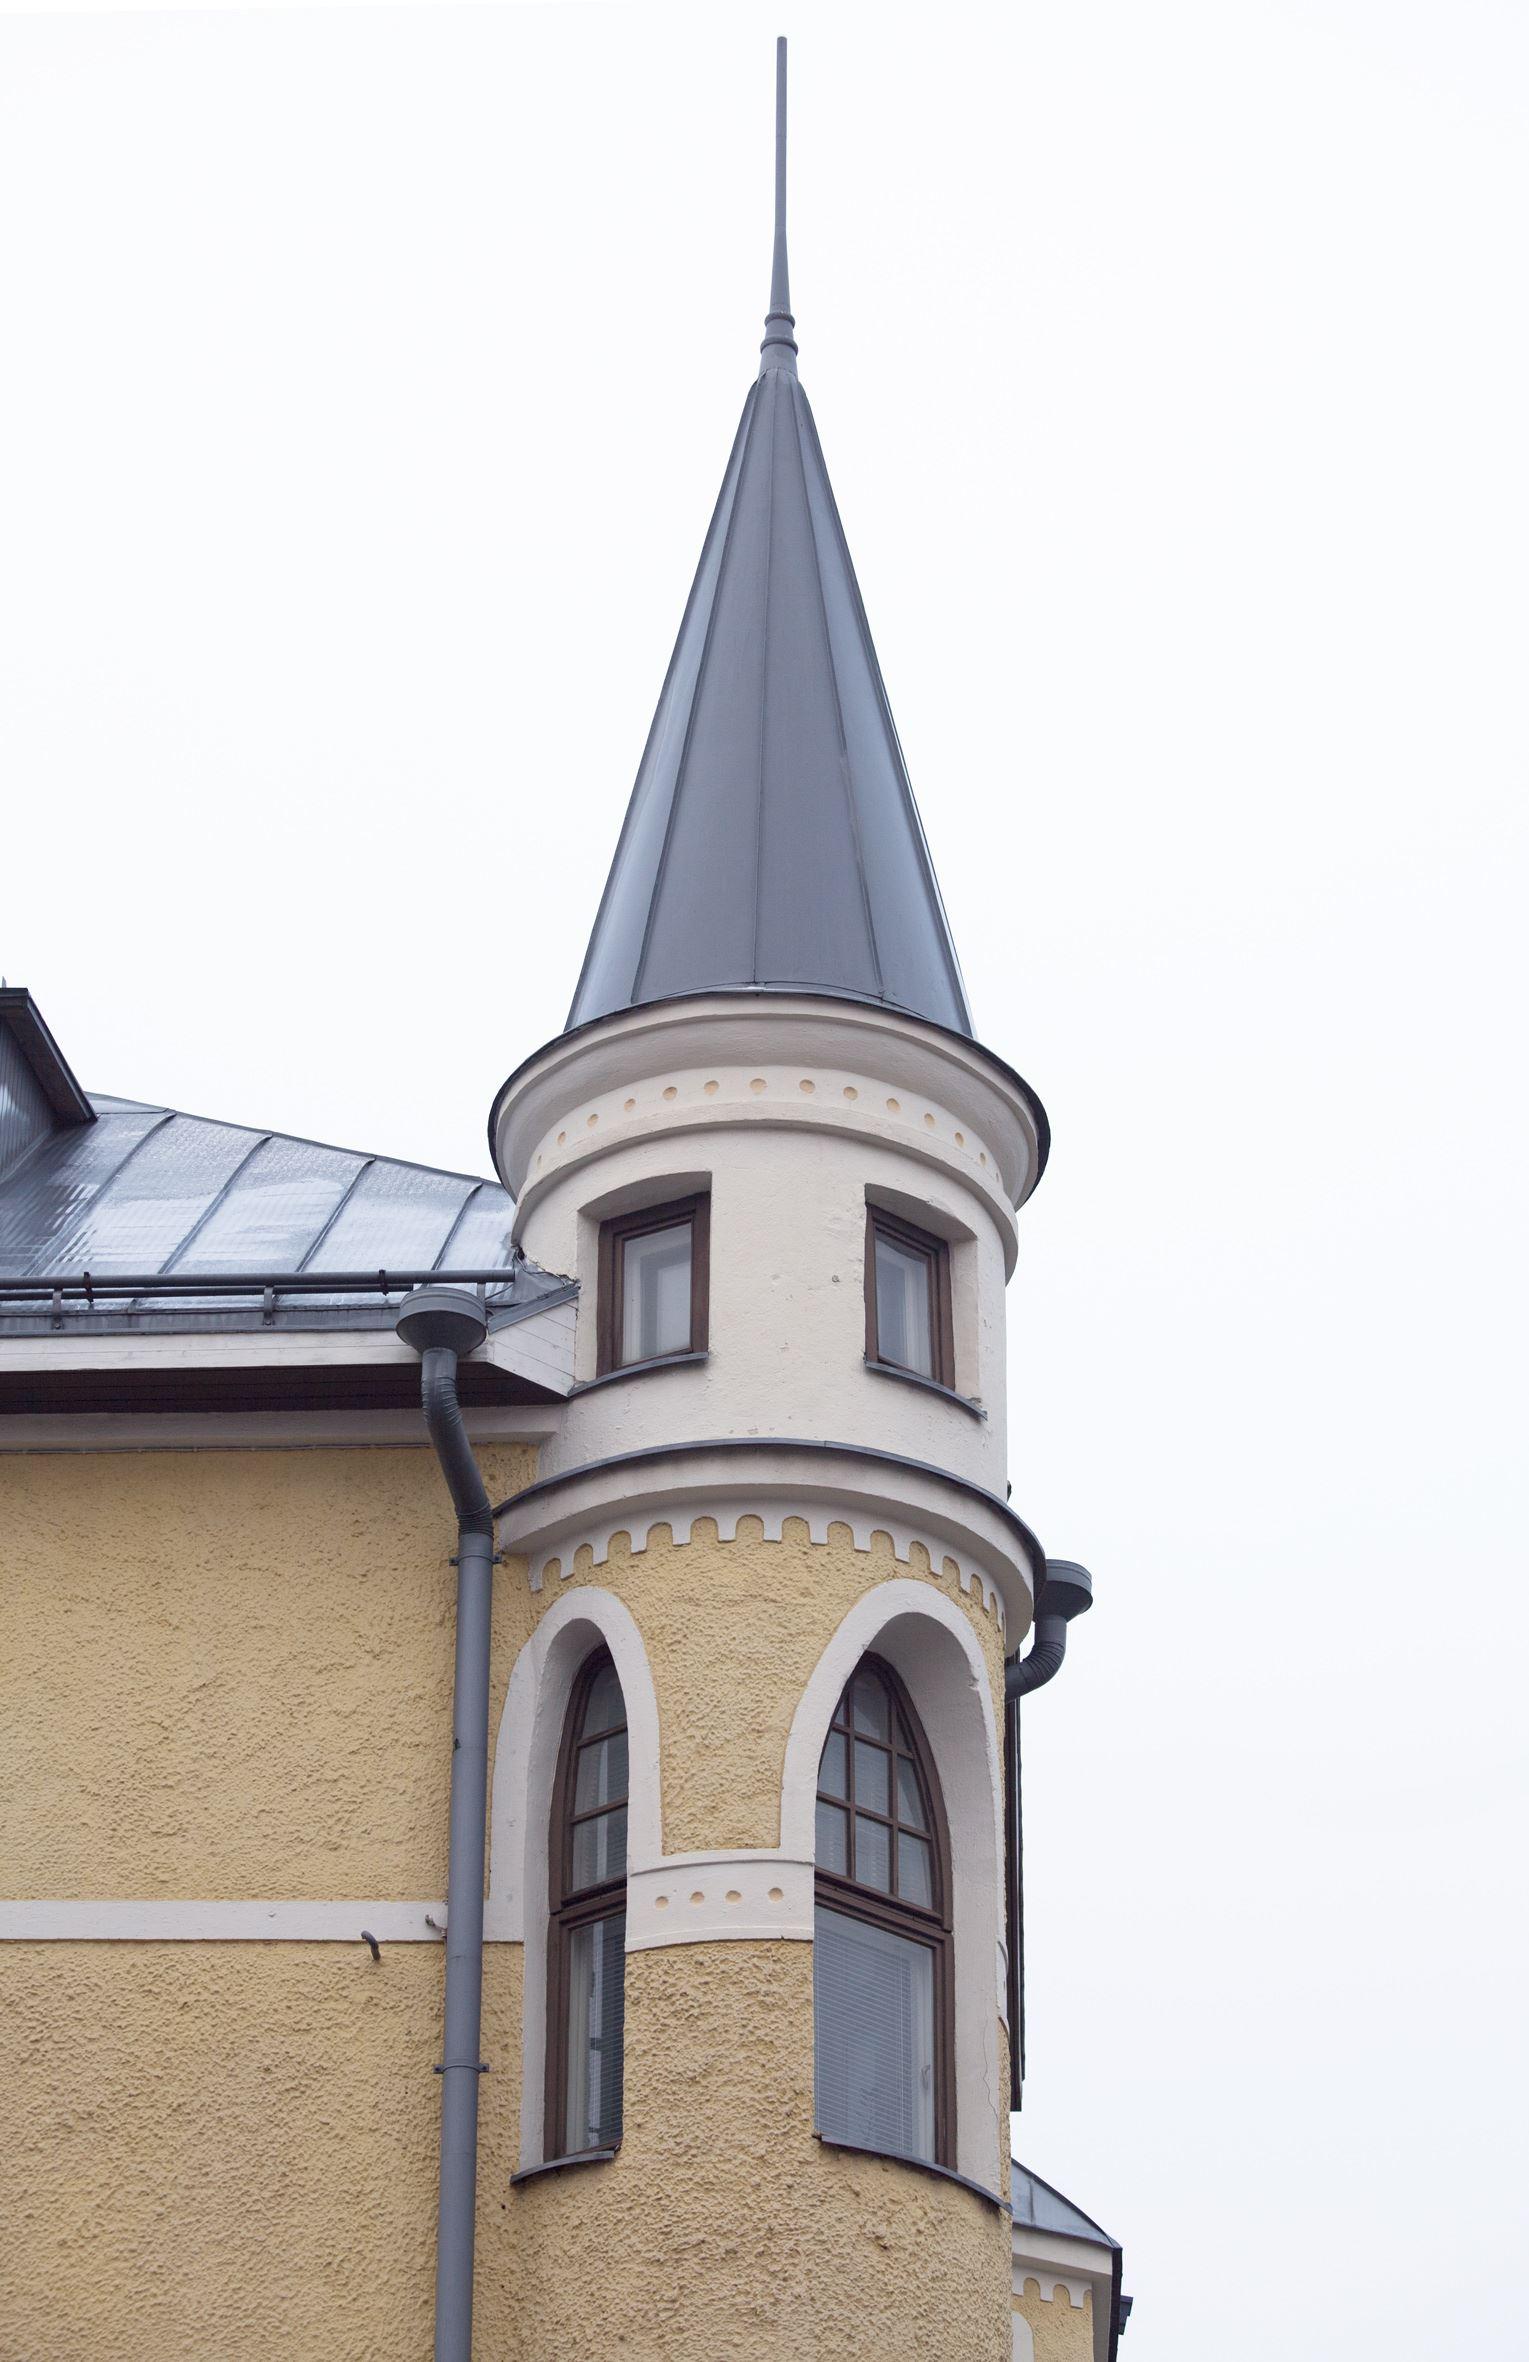 Jugendtalot Lahdessa -arkkitehtuuriopastus | Lahden kaupunginmuseo